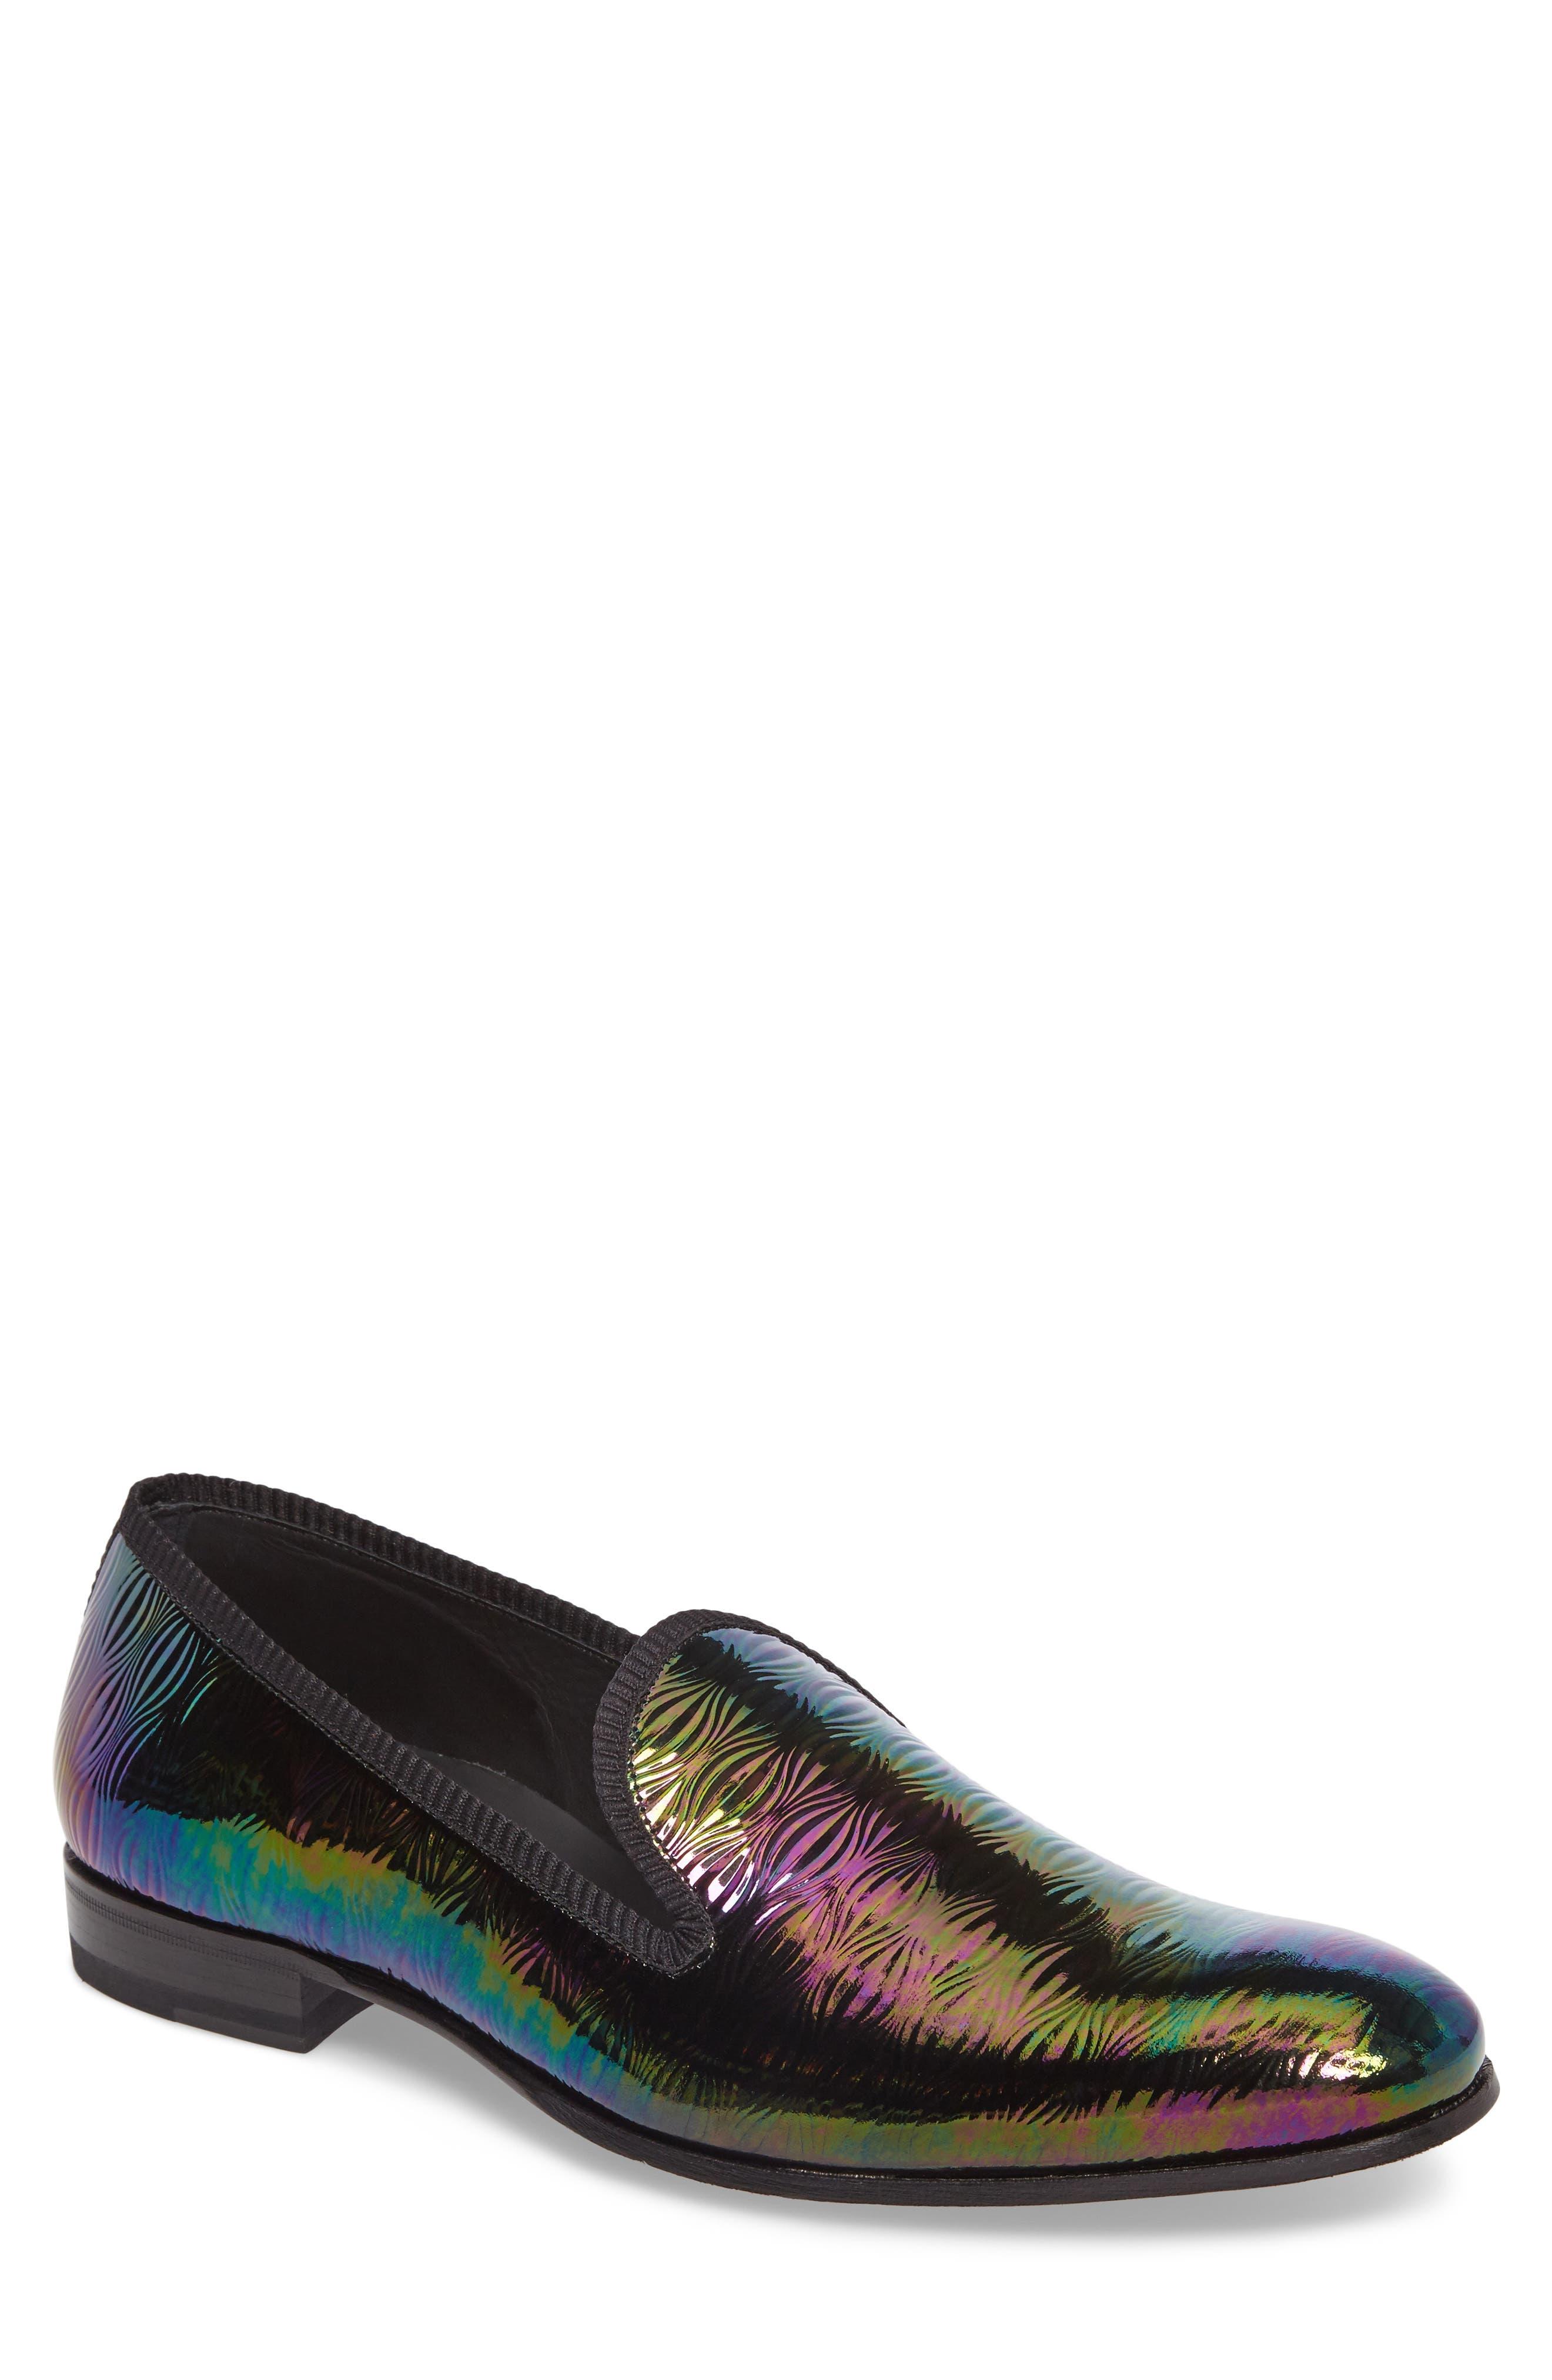 Duque Venetian Loafer,                             Main thumbnail 1, color,                             Black Leather